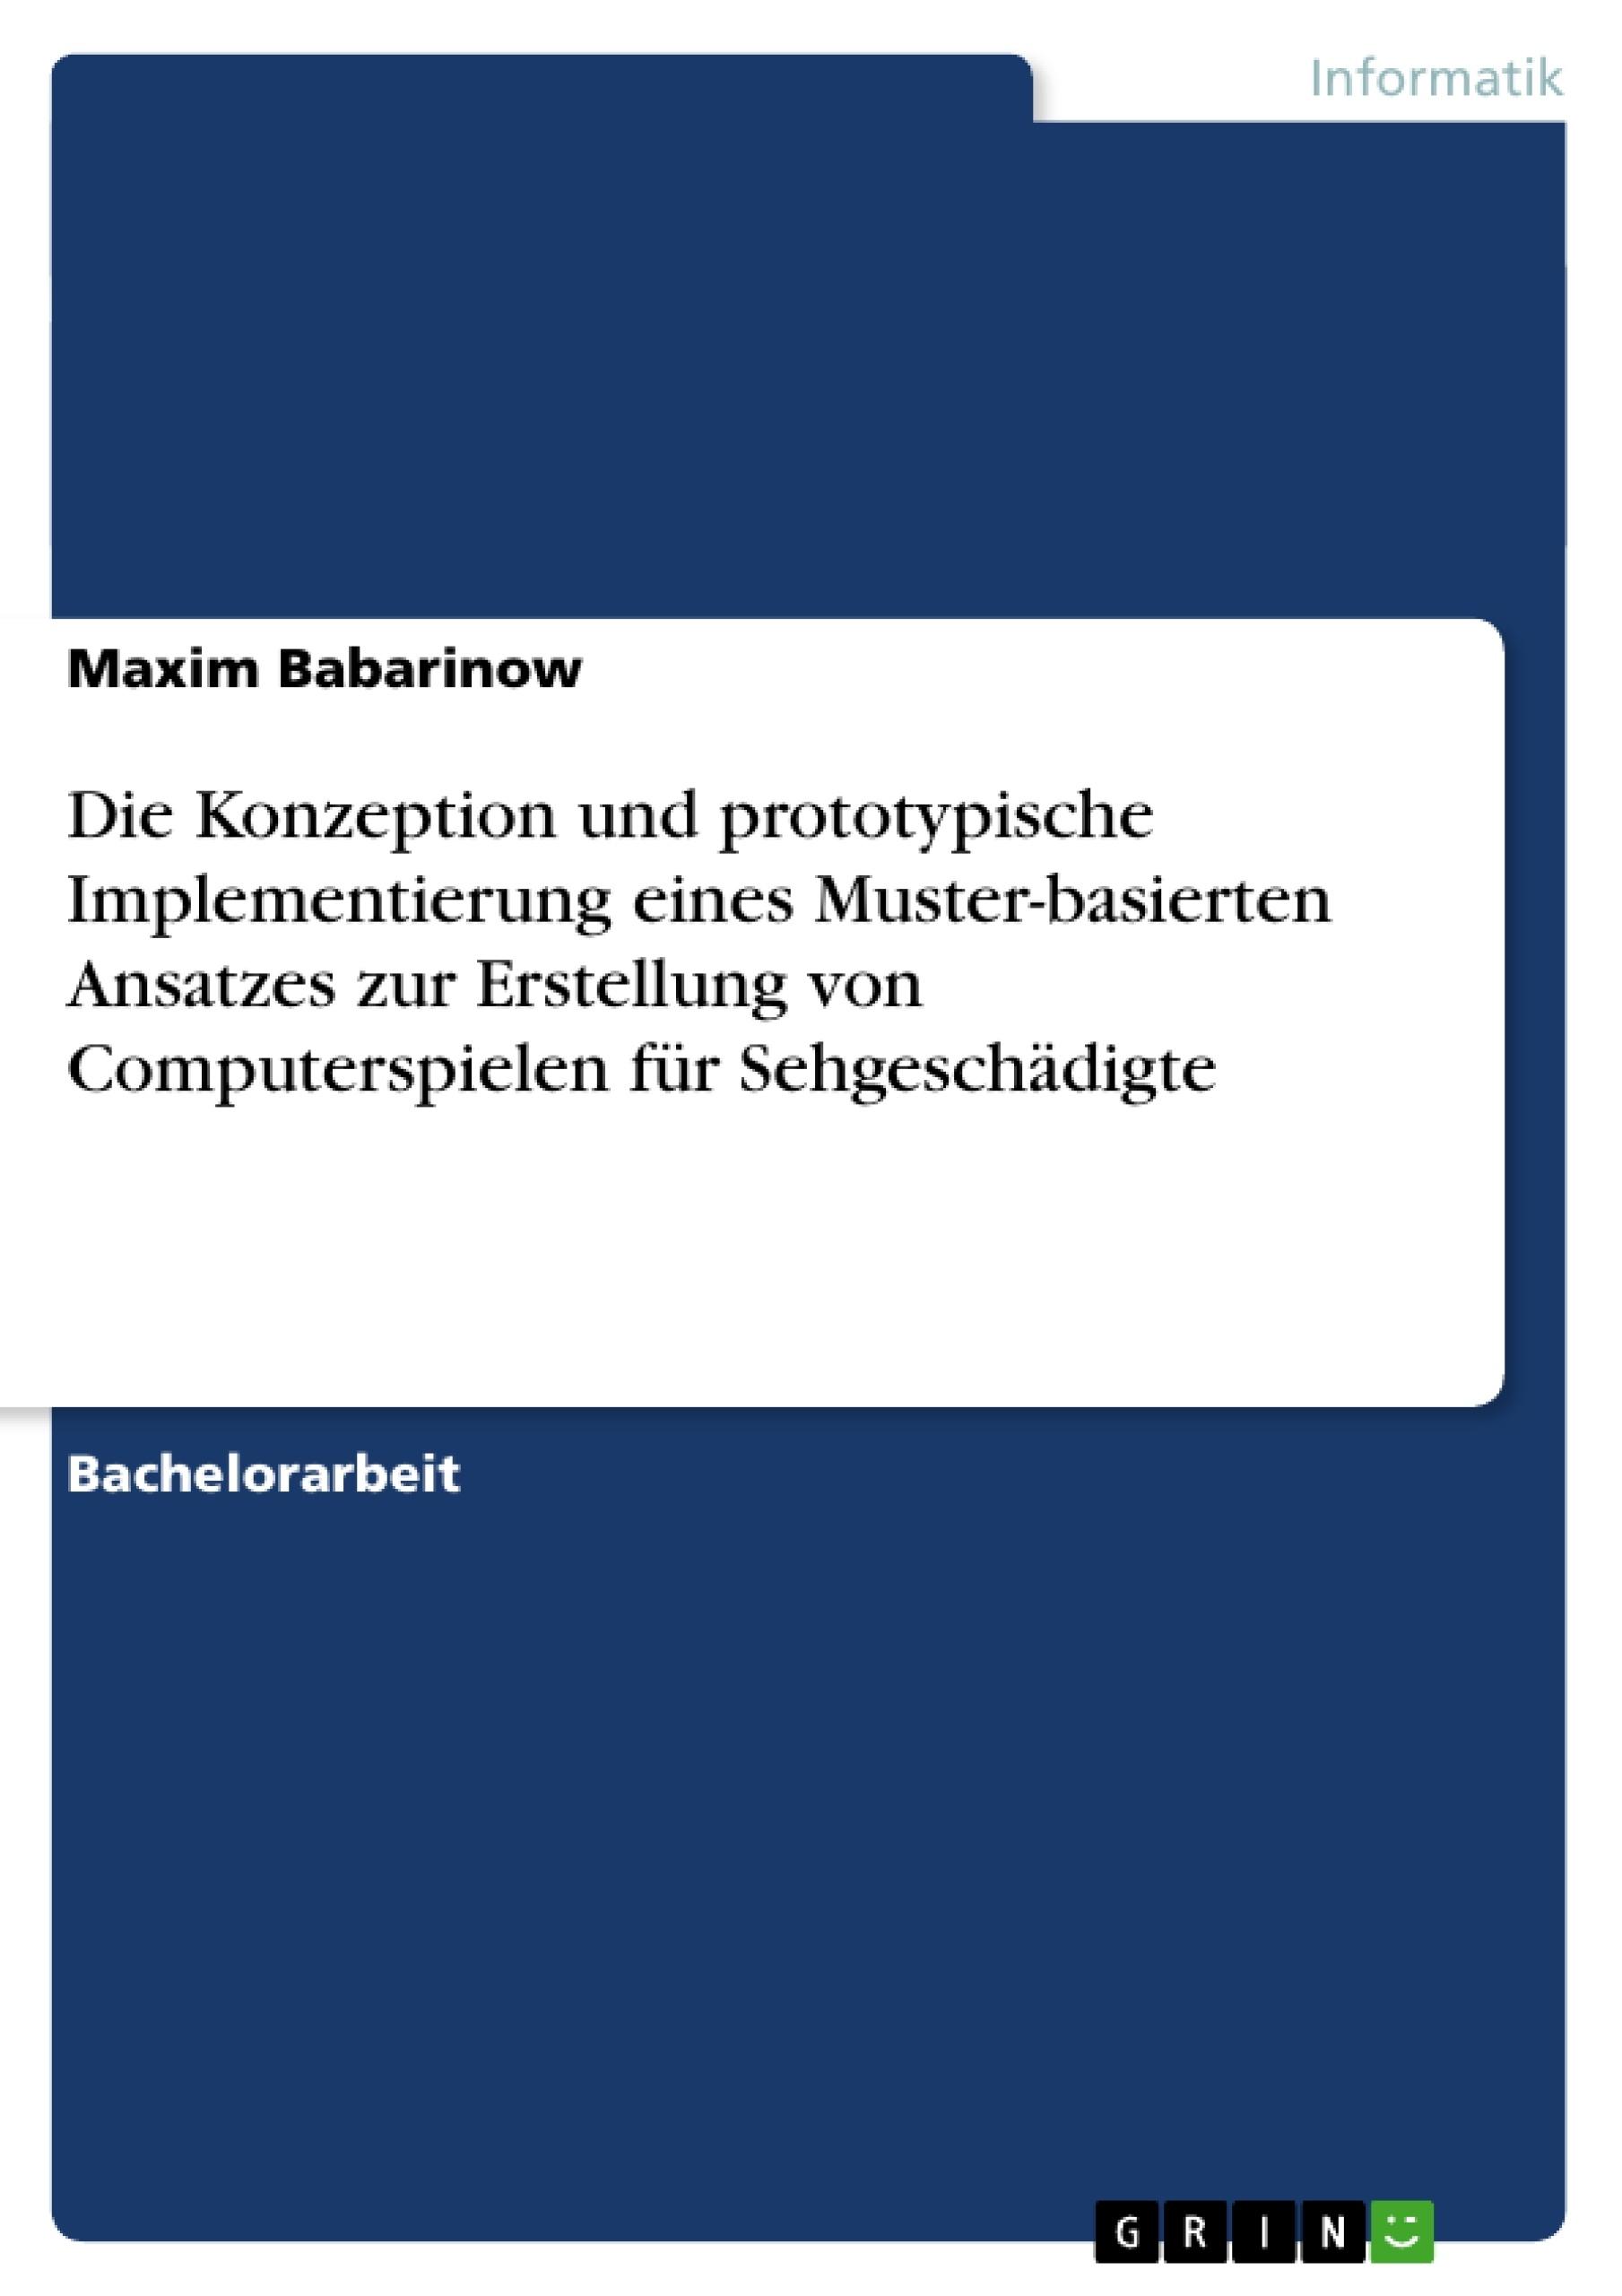 Titel: Die Konzeption und prototypische Implementierung eines Muster-basierten Ansatzes zur Erstellung von Computerspielen für Sehgeschädigte